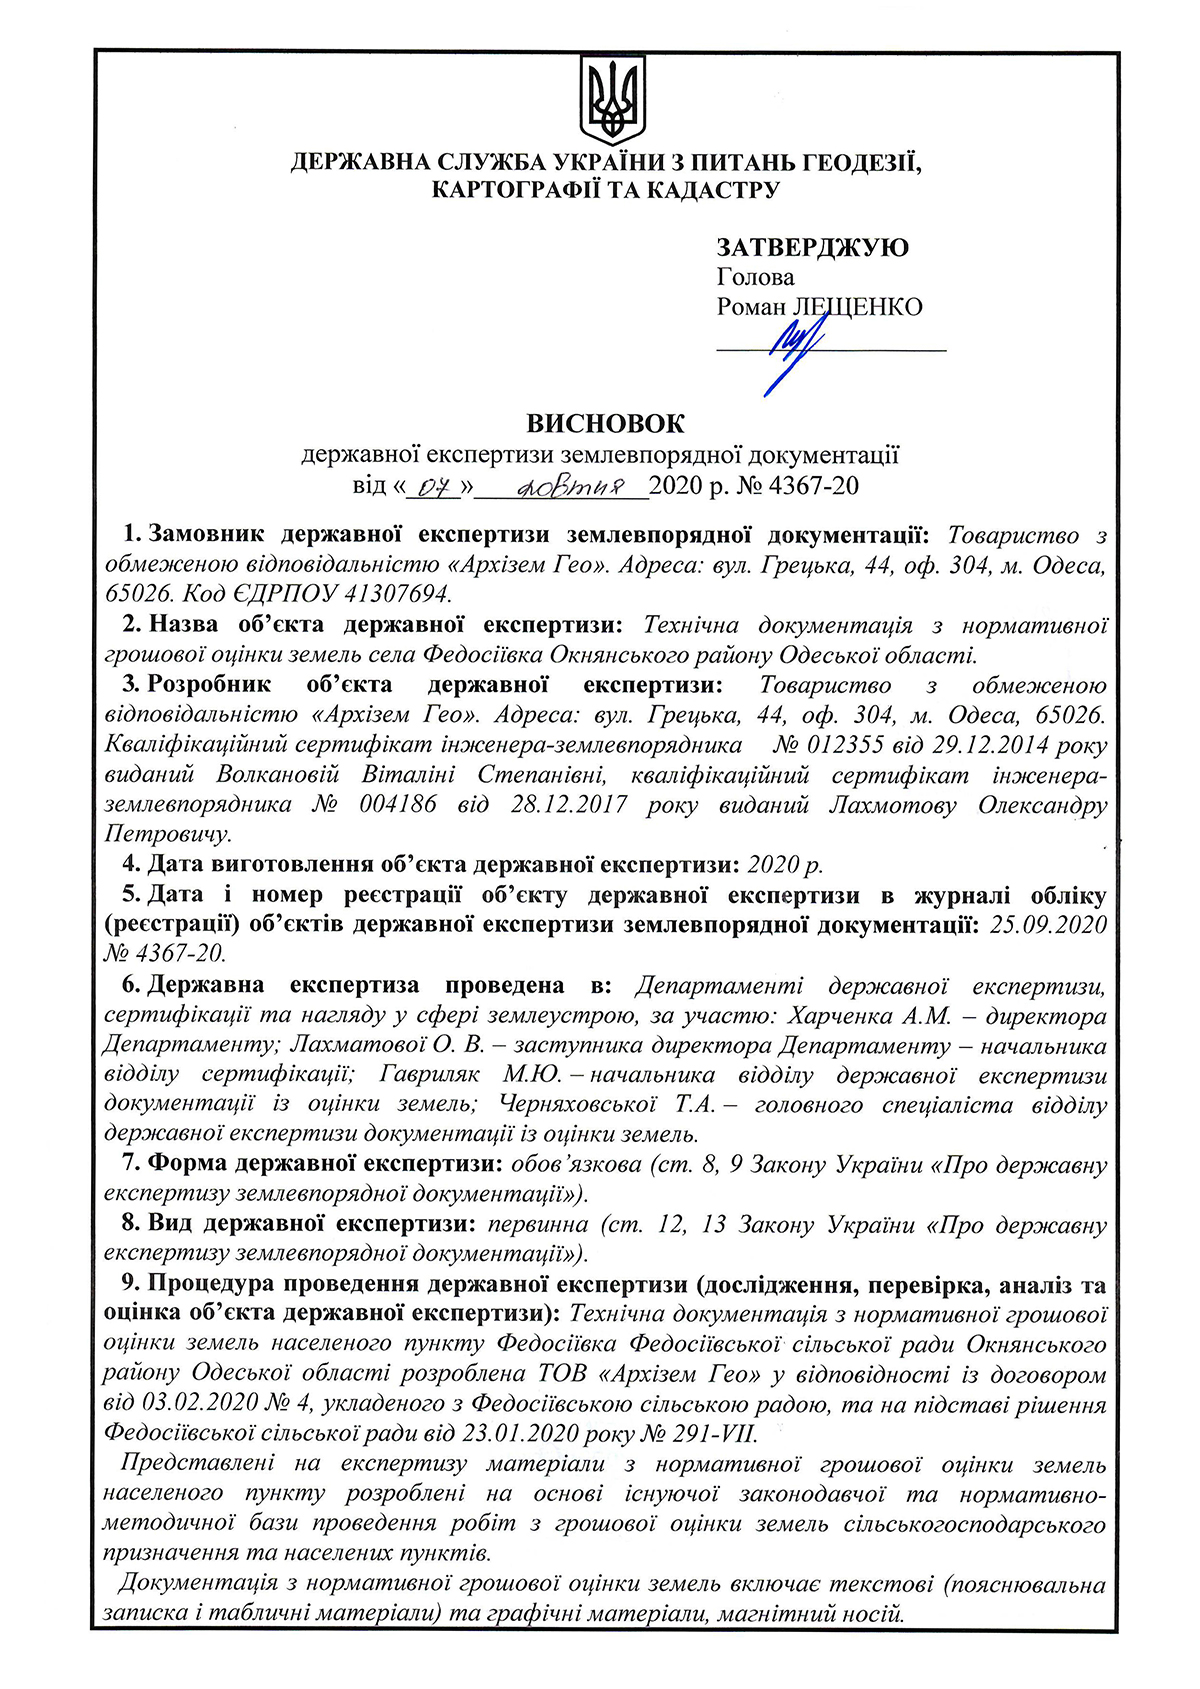 НГО села Федосіївка